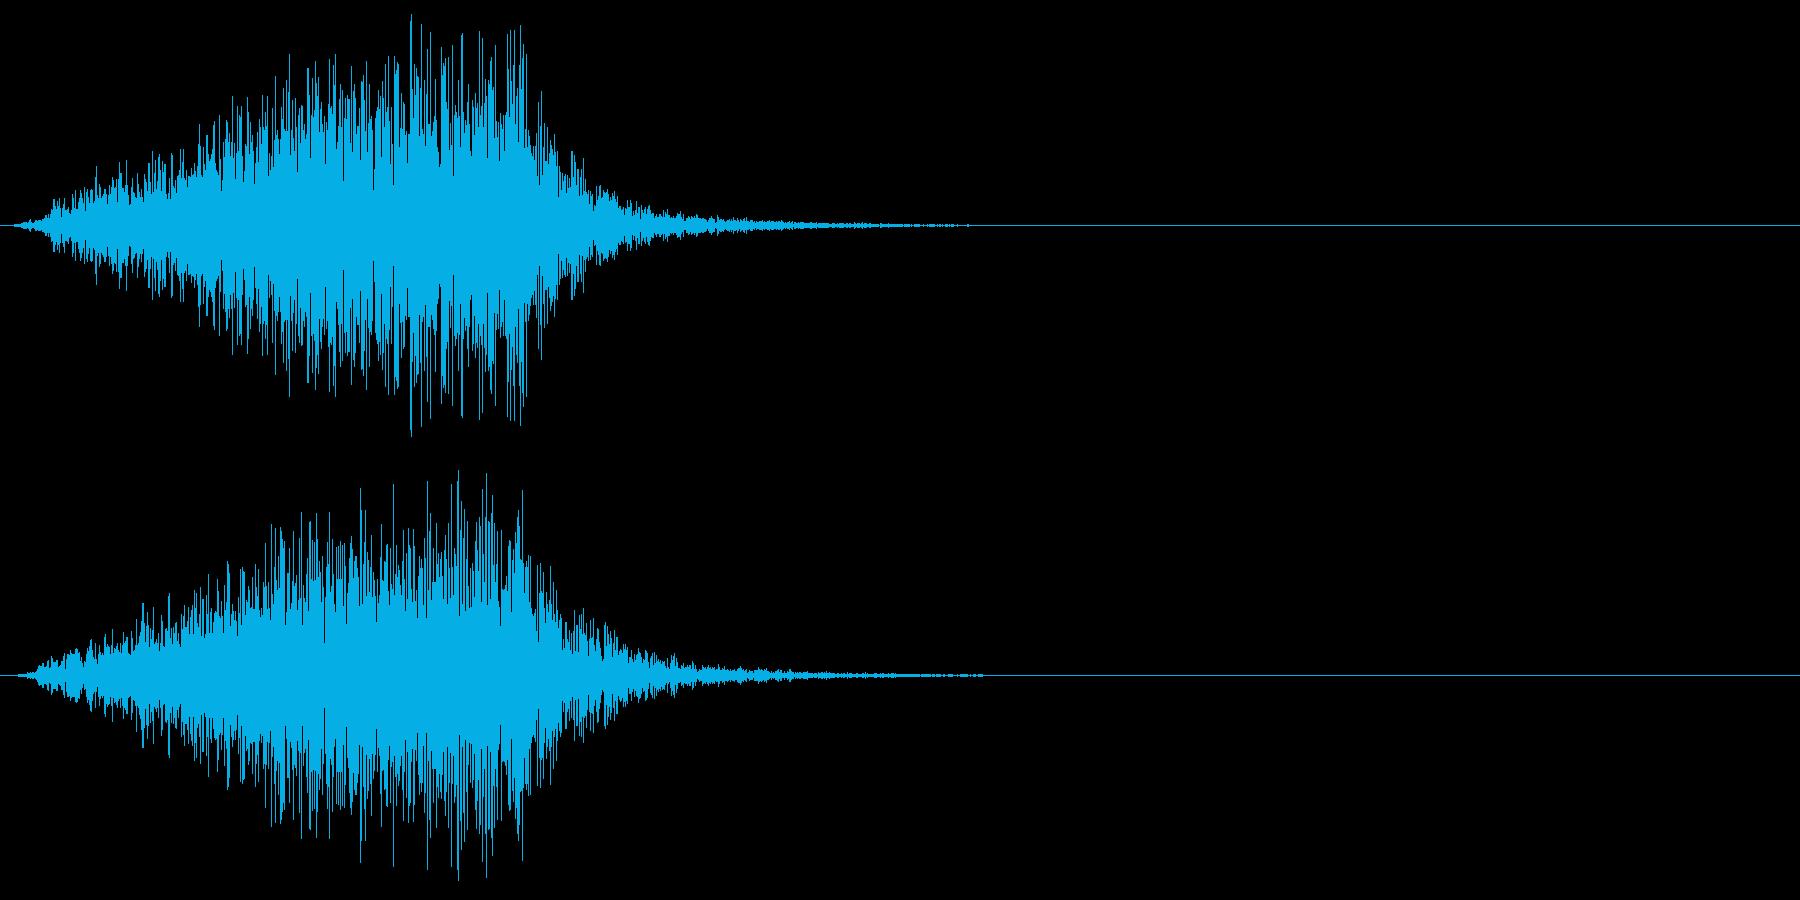 ホラー 近く 接近 恐怖 金属音 07の再生済みの波形